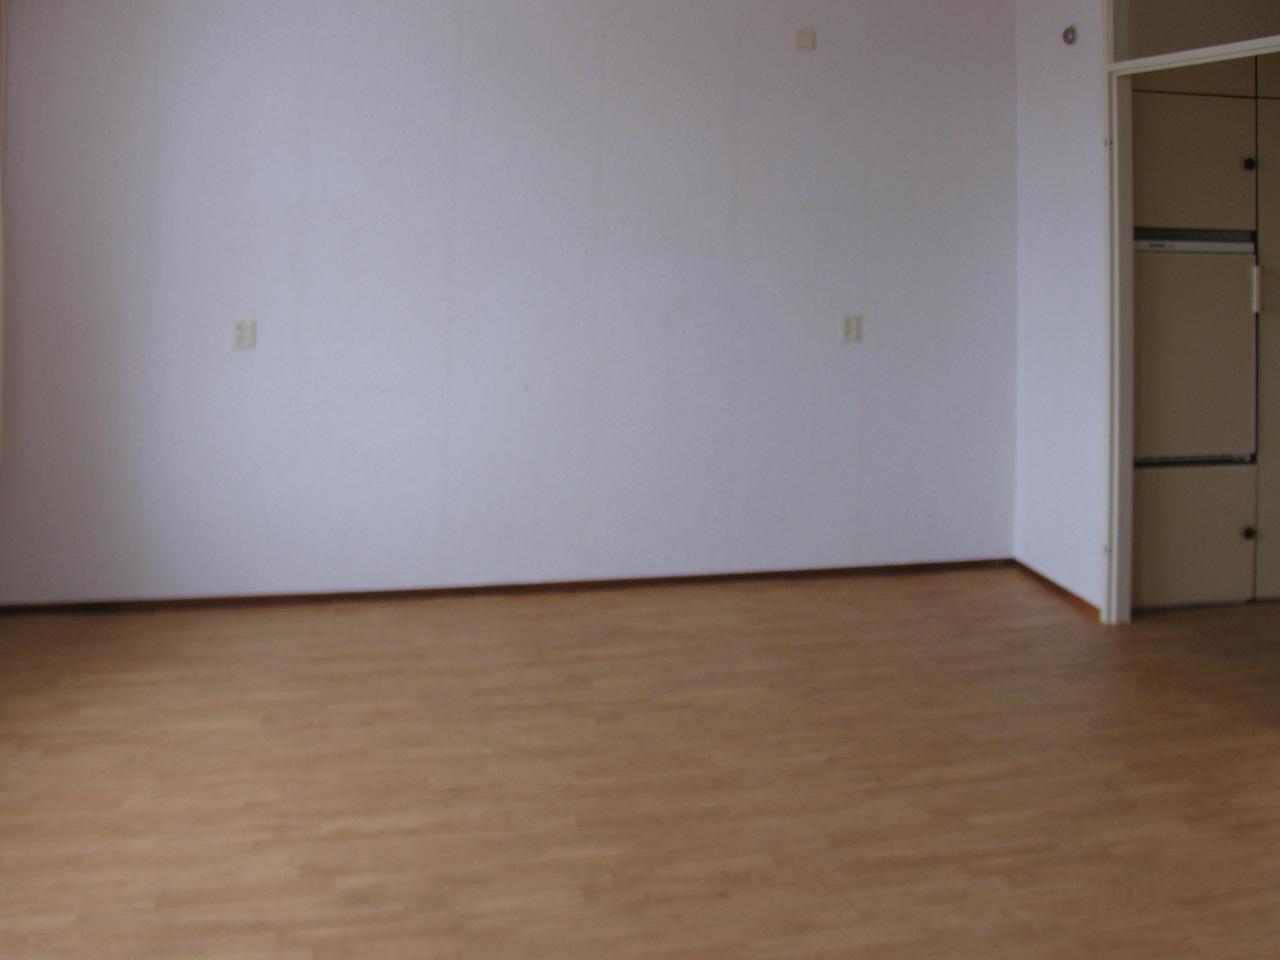 Afbeelding 2 / 8 - Apeldoorn - Woonzorgcentrum De Matenhof